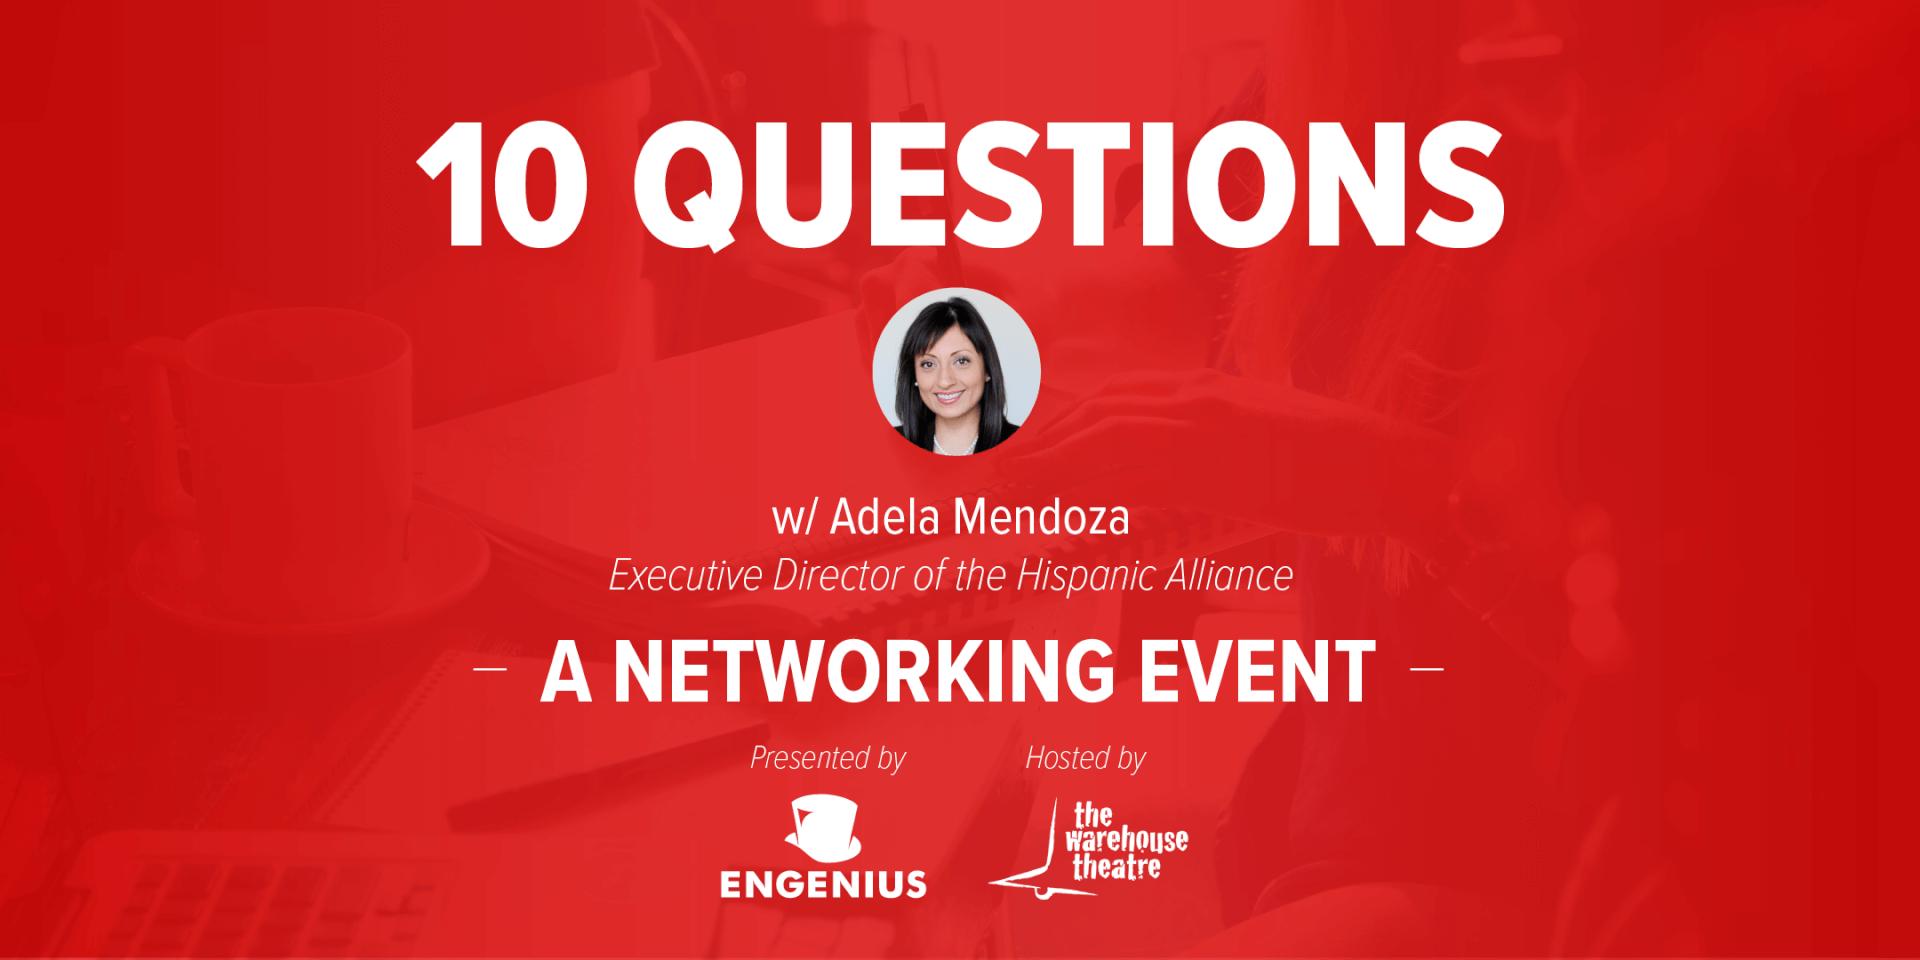 10 Questions Graphic - Adela Mendoza